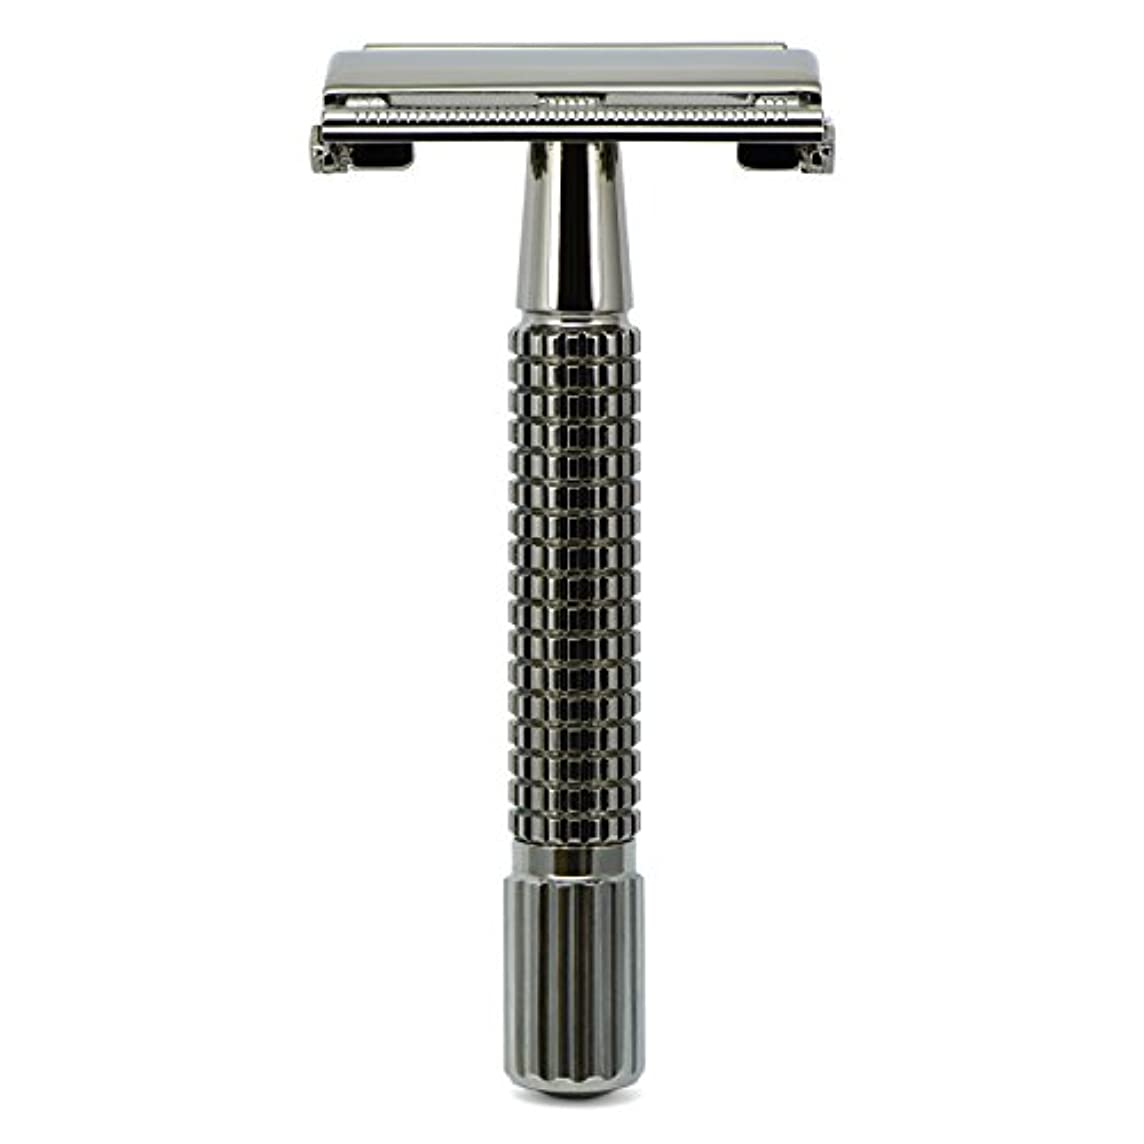 権限を与えるレモン複製するG&F - Gentle Shaver Safety razor, Butterfly, black chrome, 8 cm